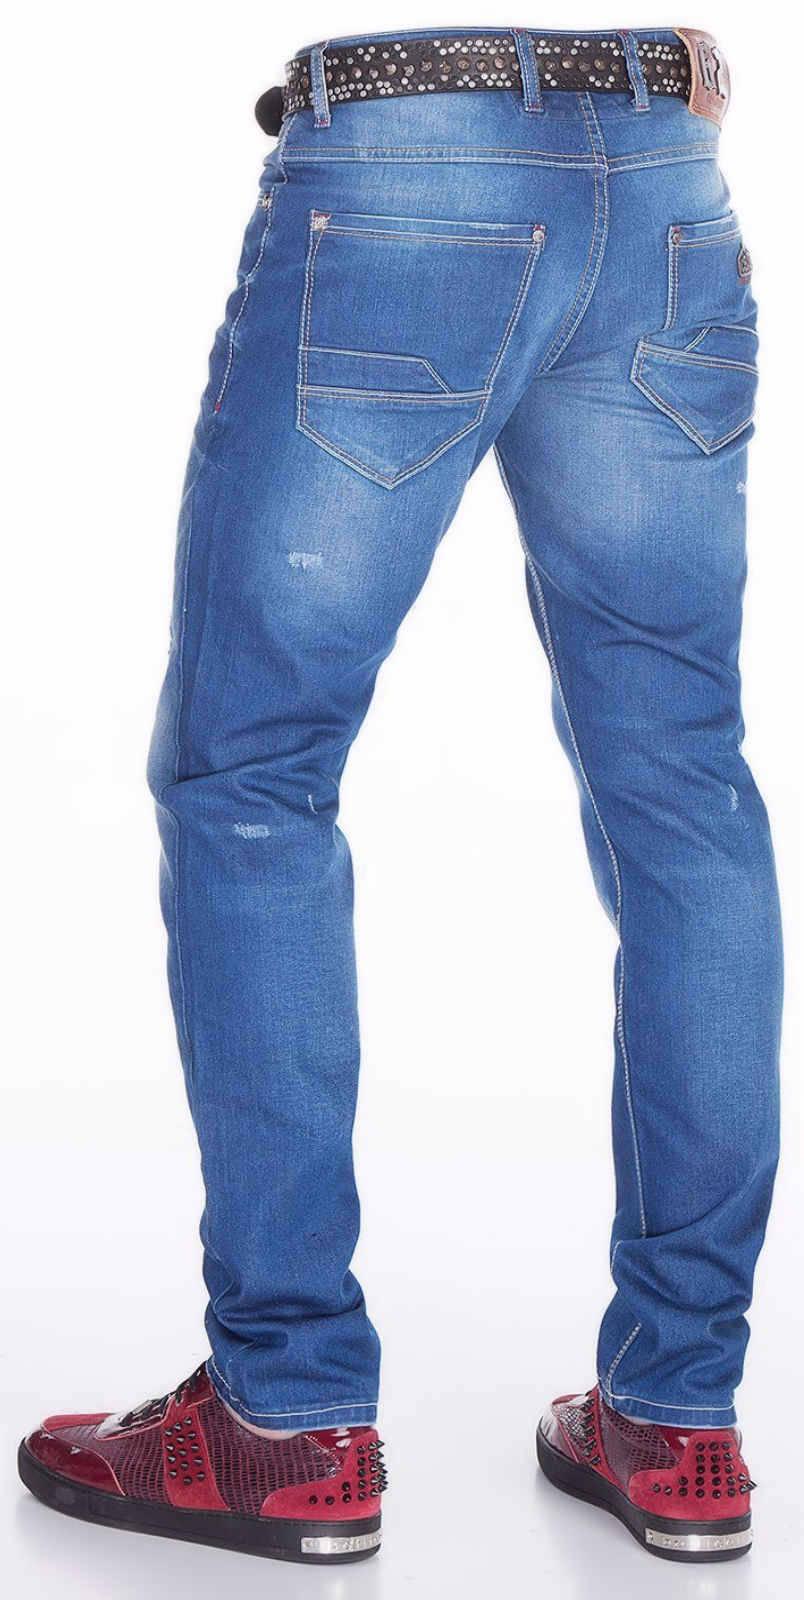 CIPO-amp-BAXX-Herren-Jeans-CD386-NEU-Hose-Slim-Fit-Enges-Bein-Denim-Stretch Indexbild 6